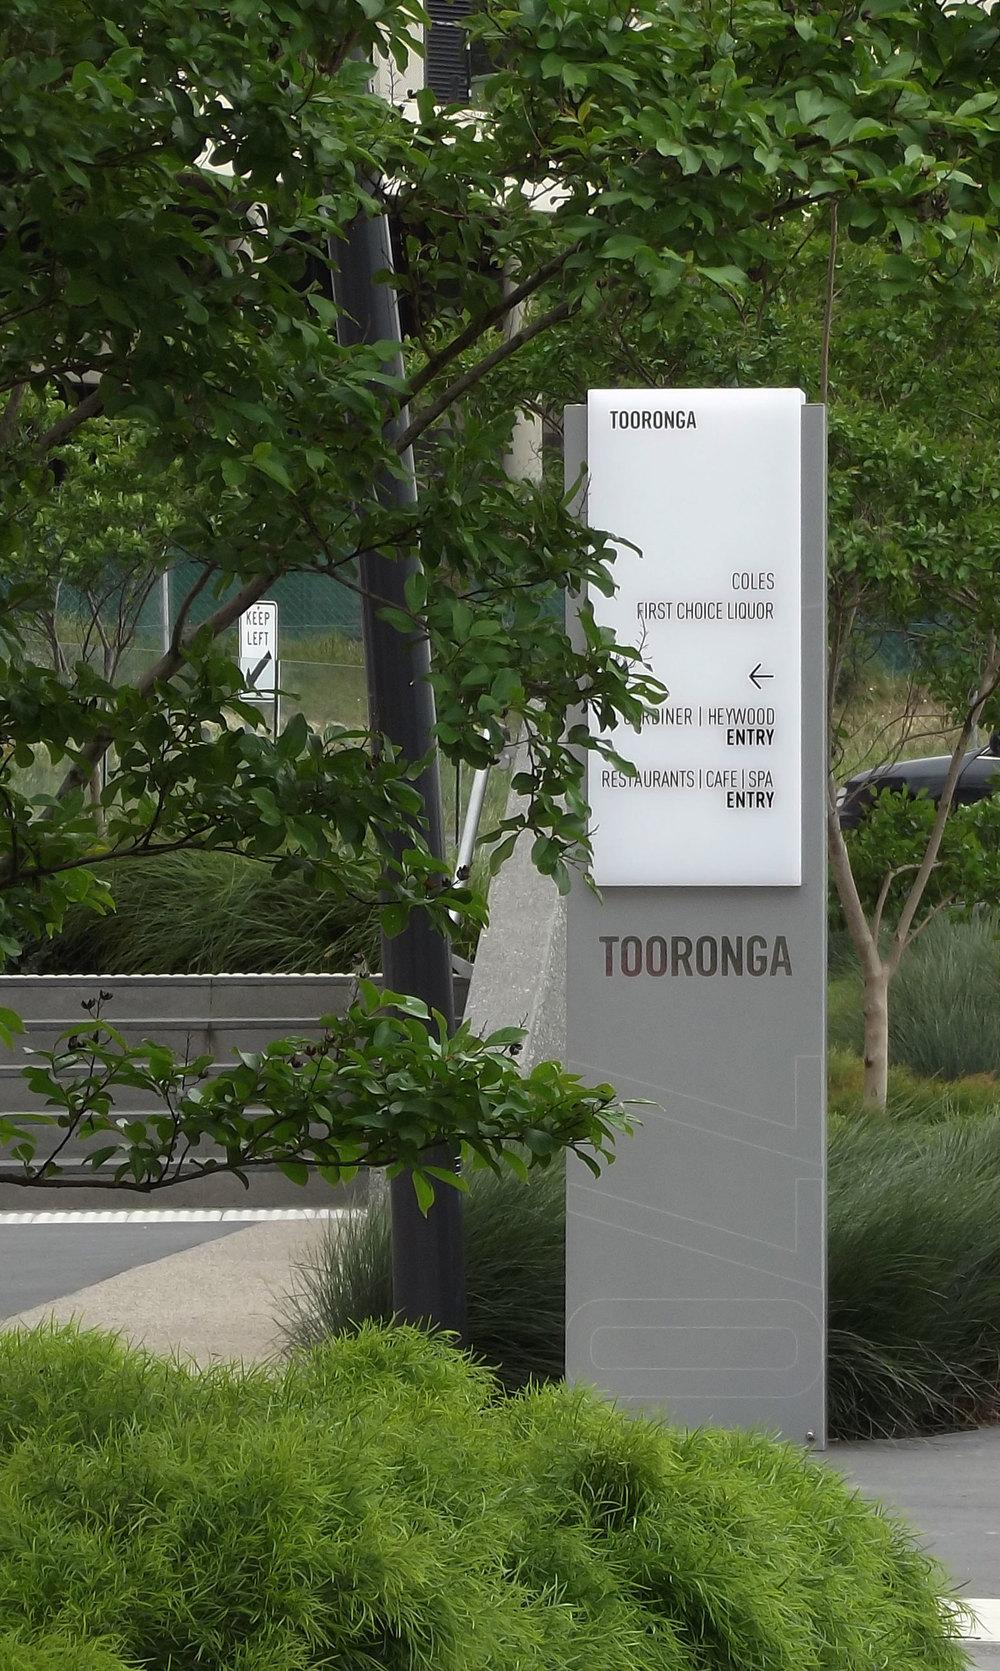 tooronga_01.jpg